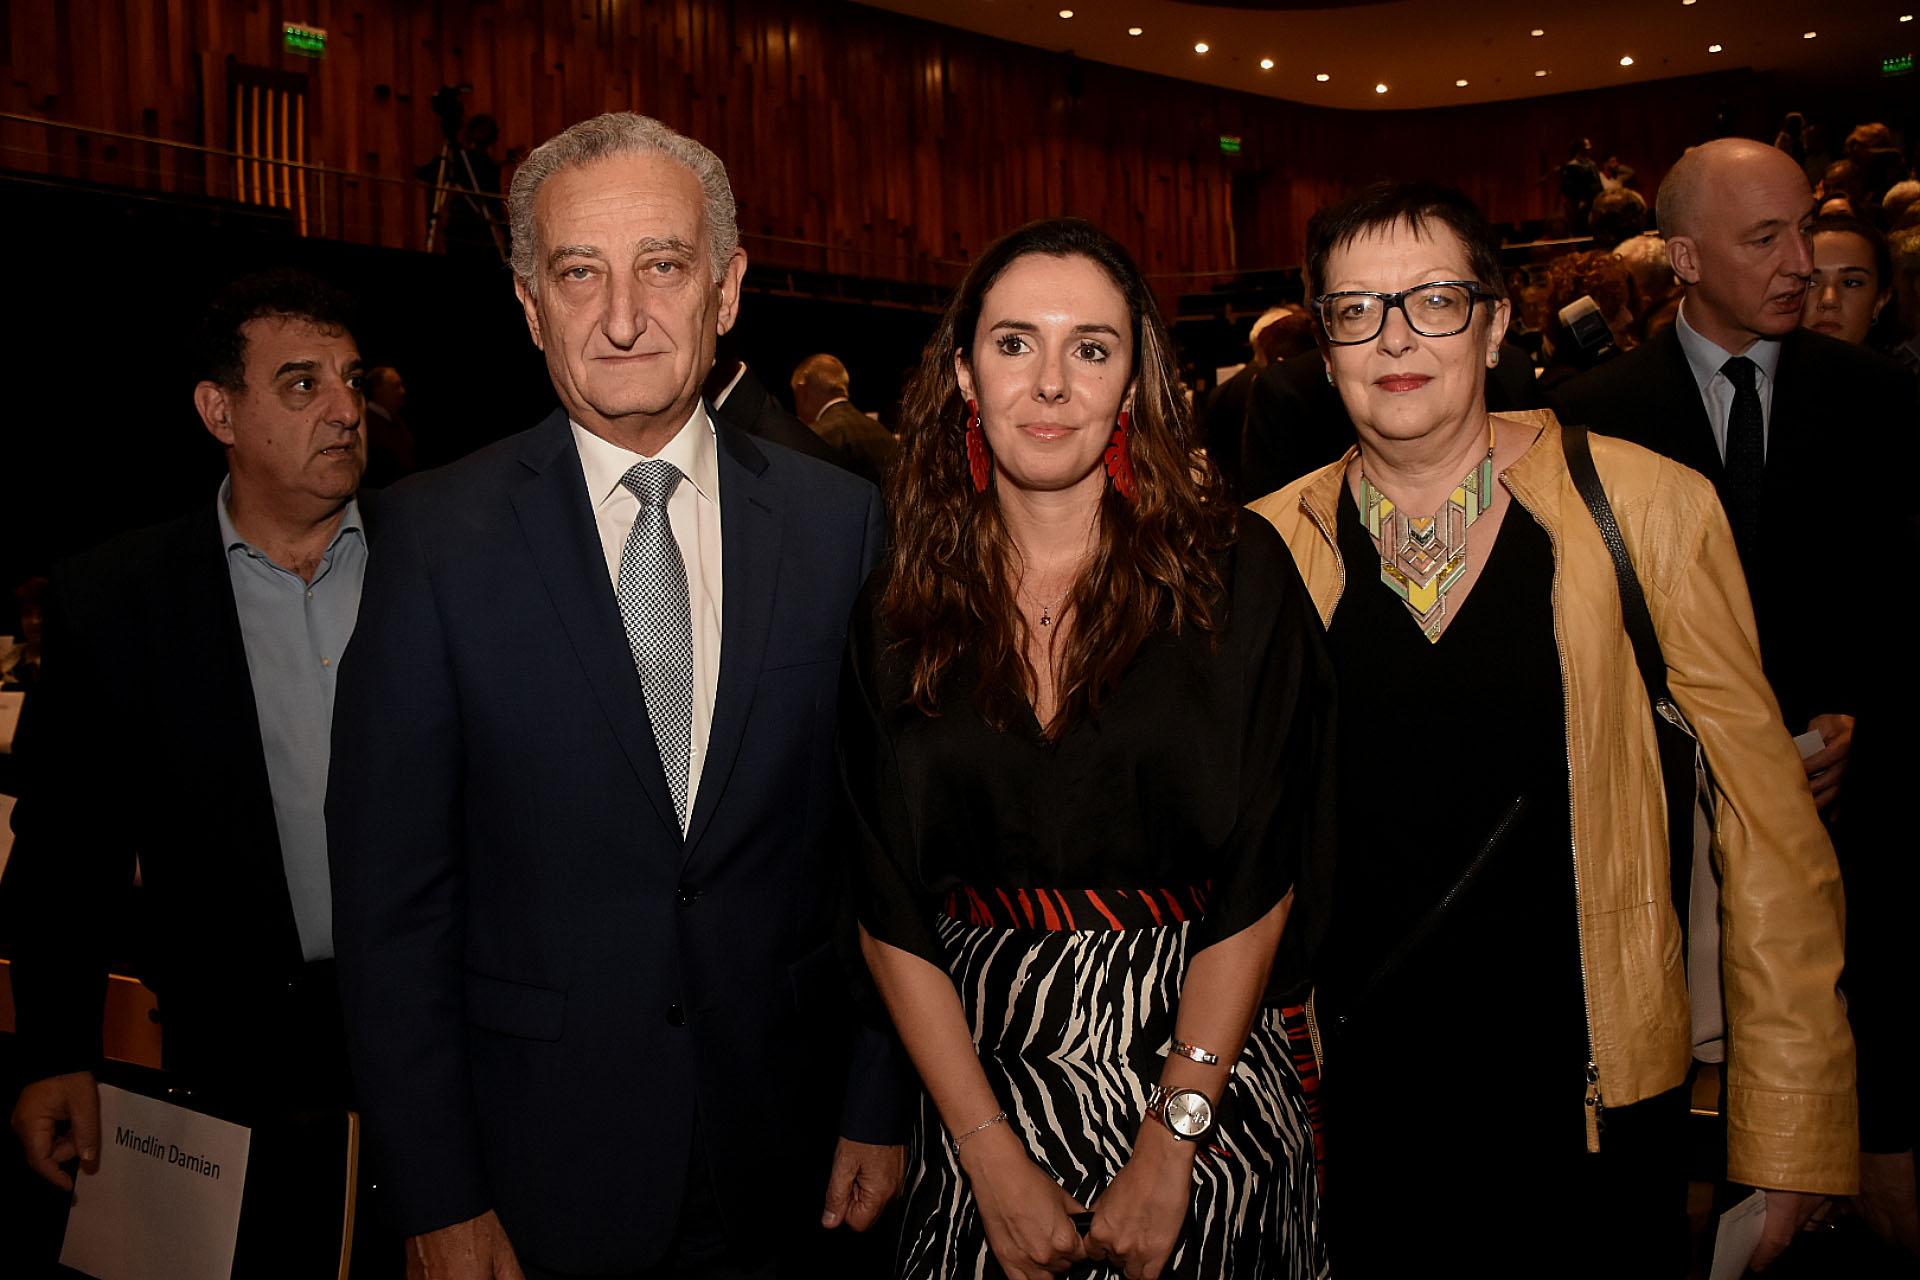 El ex presidente de la DAIA, Aldo Donzis, y la embajadora de Venezuela Elisa Trotta